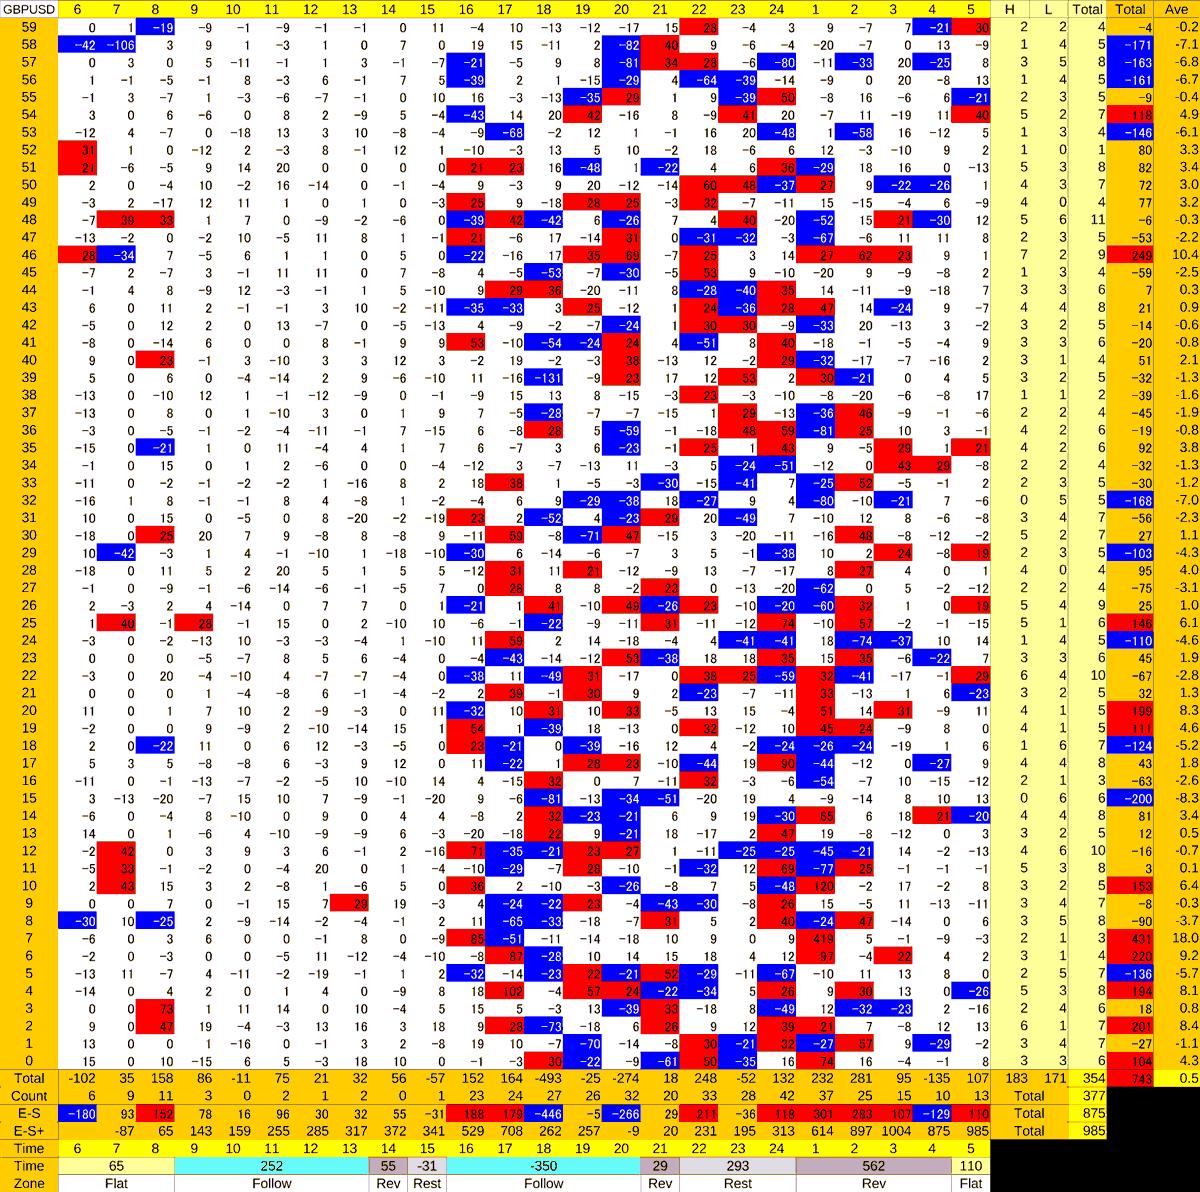 20201201_HS(2)GBPUSD